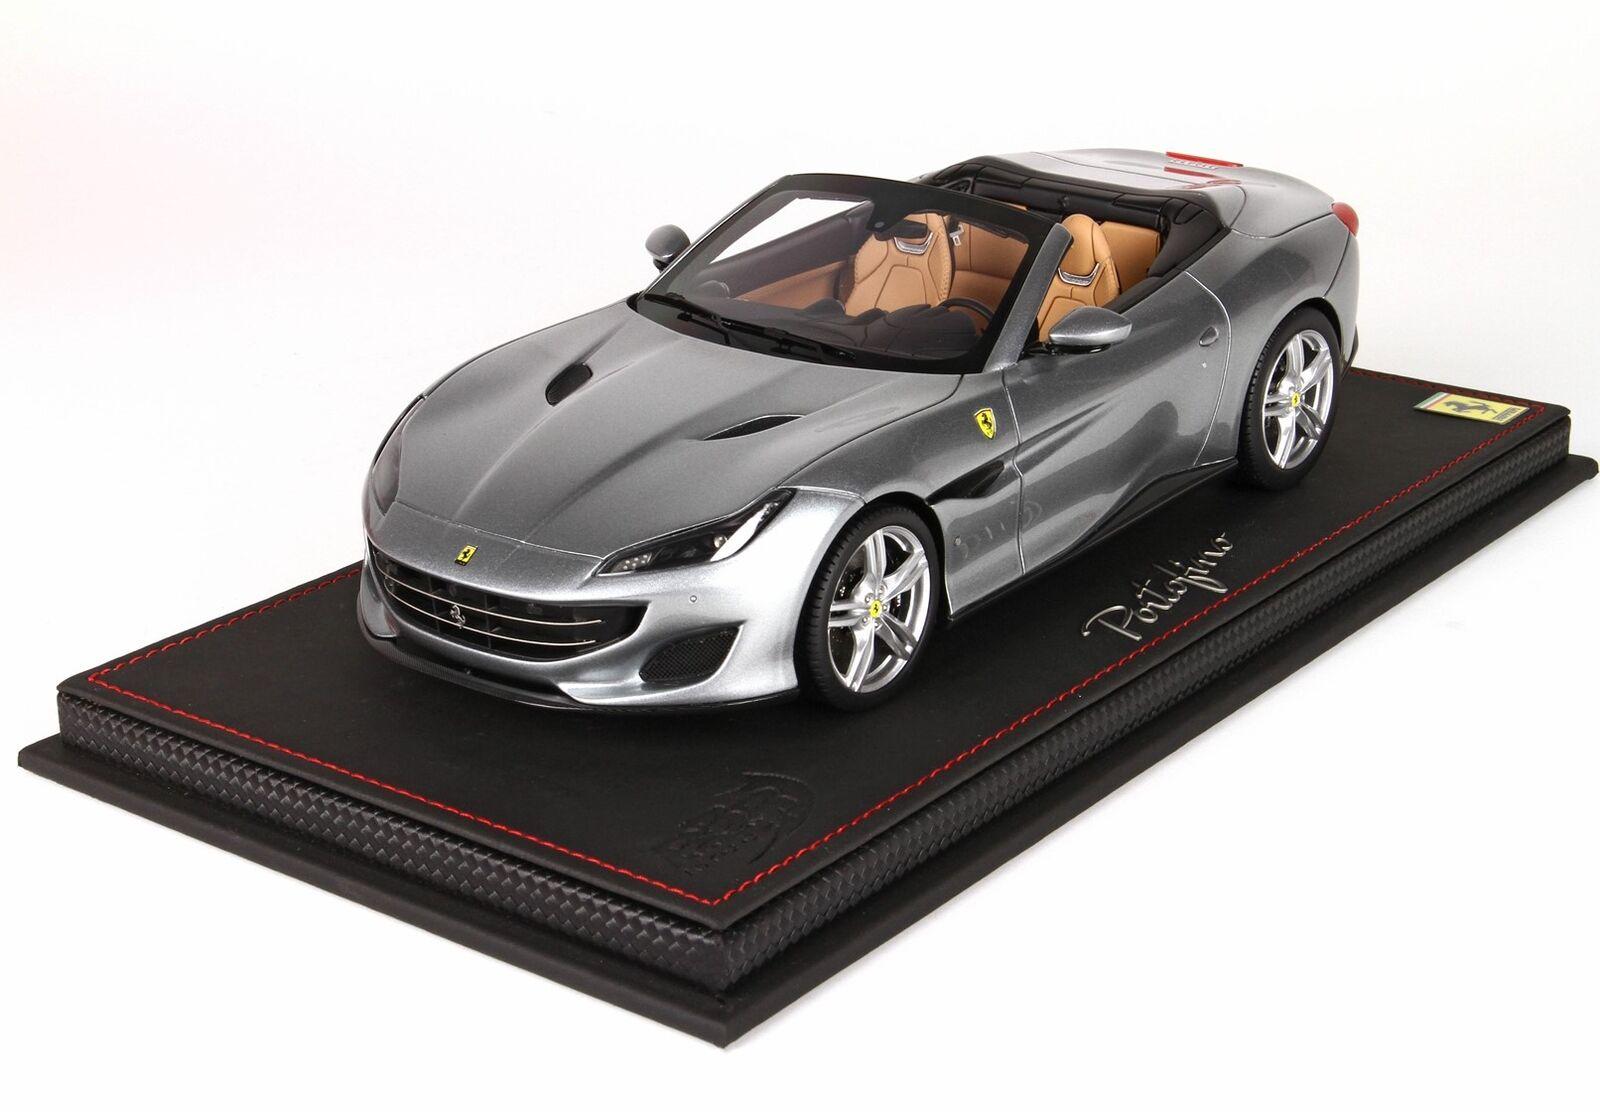 Ferrari Portofino Spider Version Titanium Grey Lim. Ed. 14 Pcs BBR 1 18 P18155GT